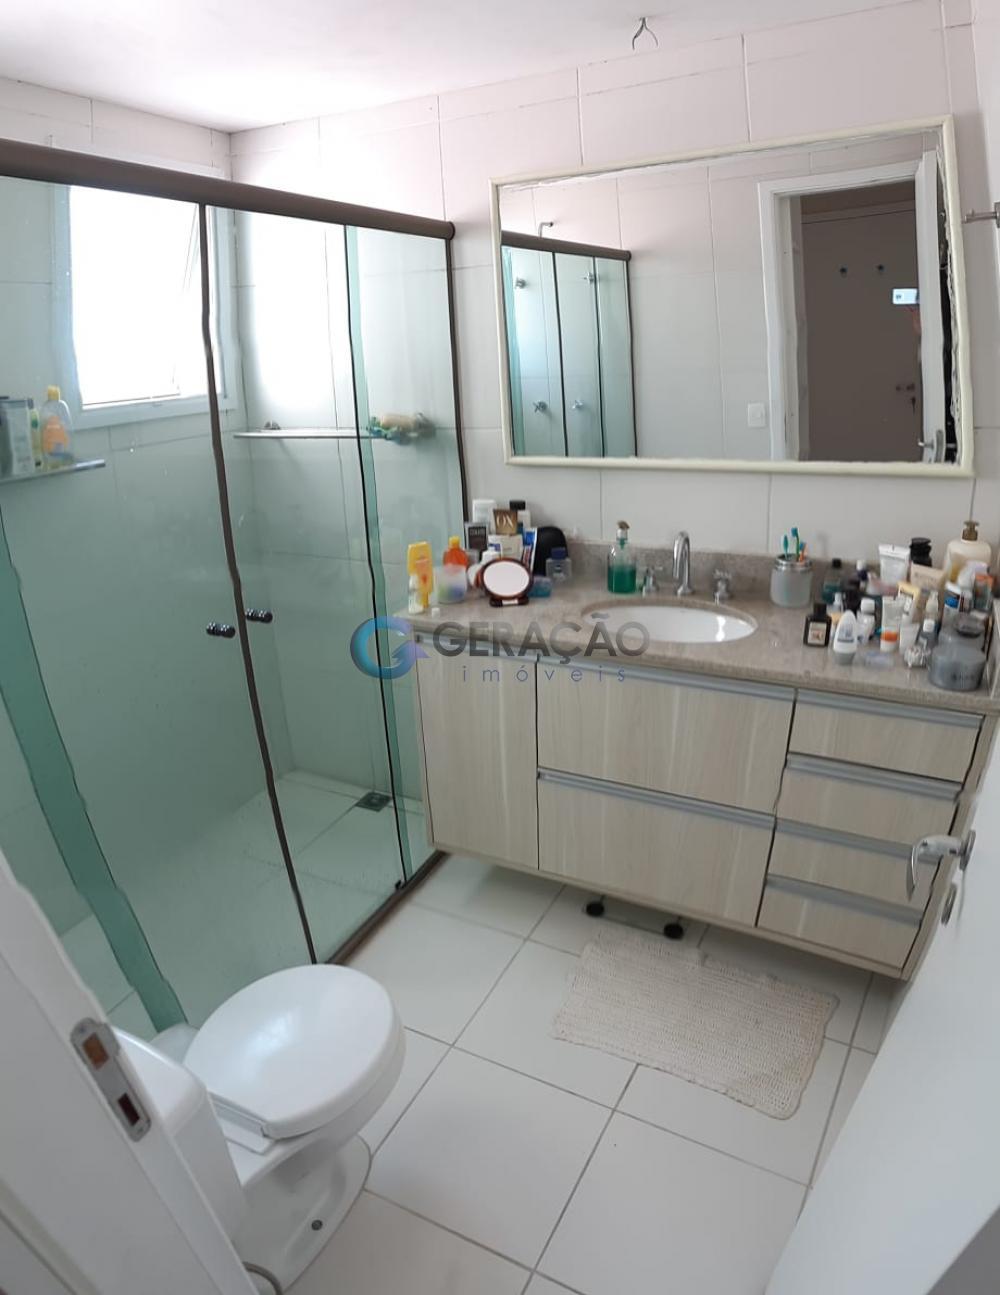 Comprar Apartamento / Padrão em São José dos Campos apenas R$ 800.000,00 - Foto 18